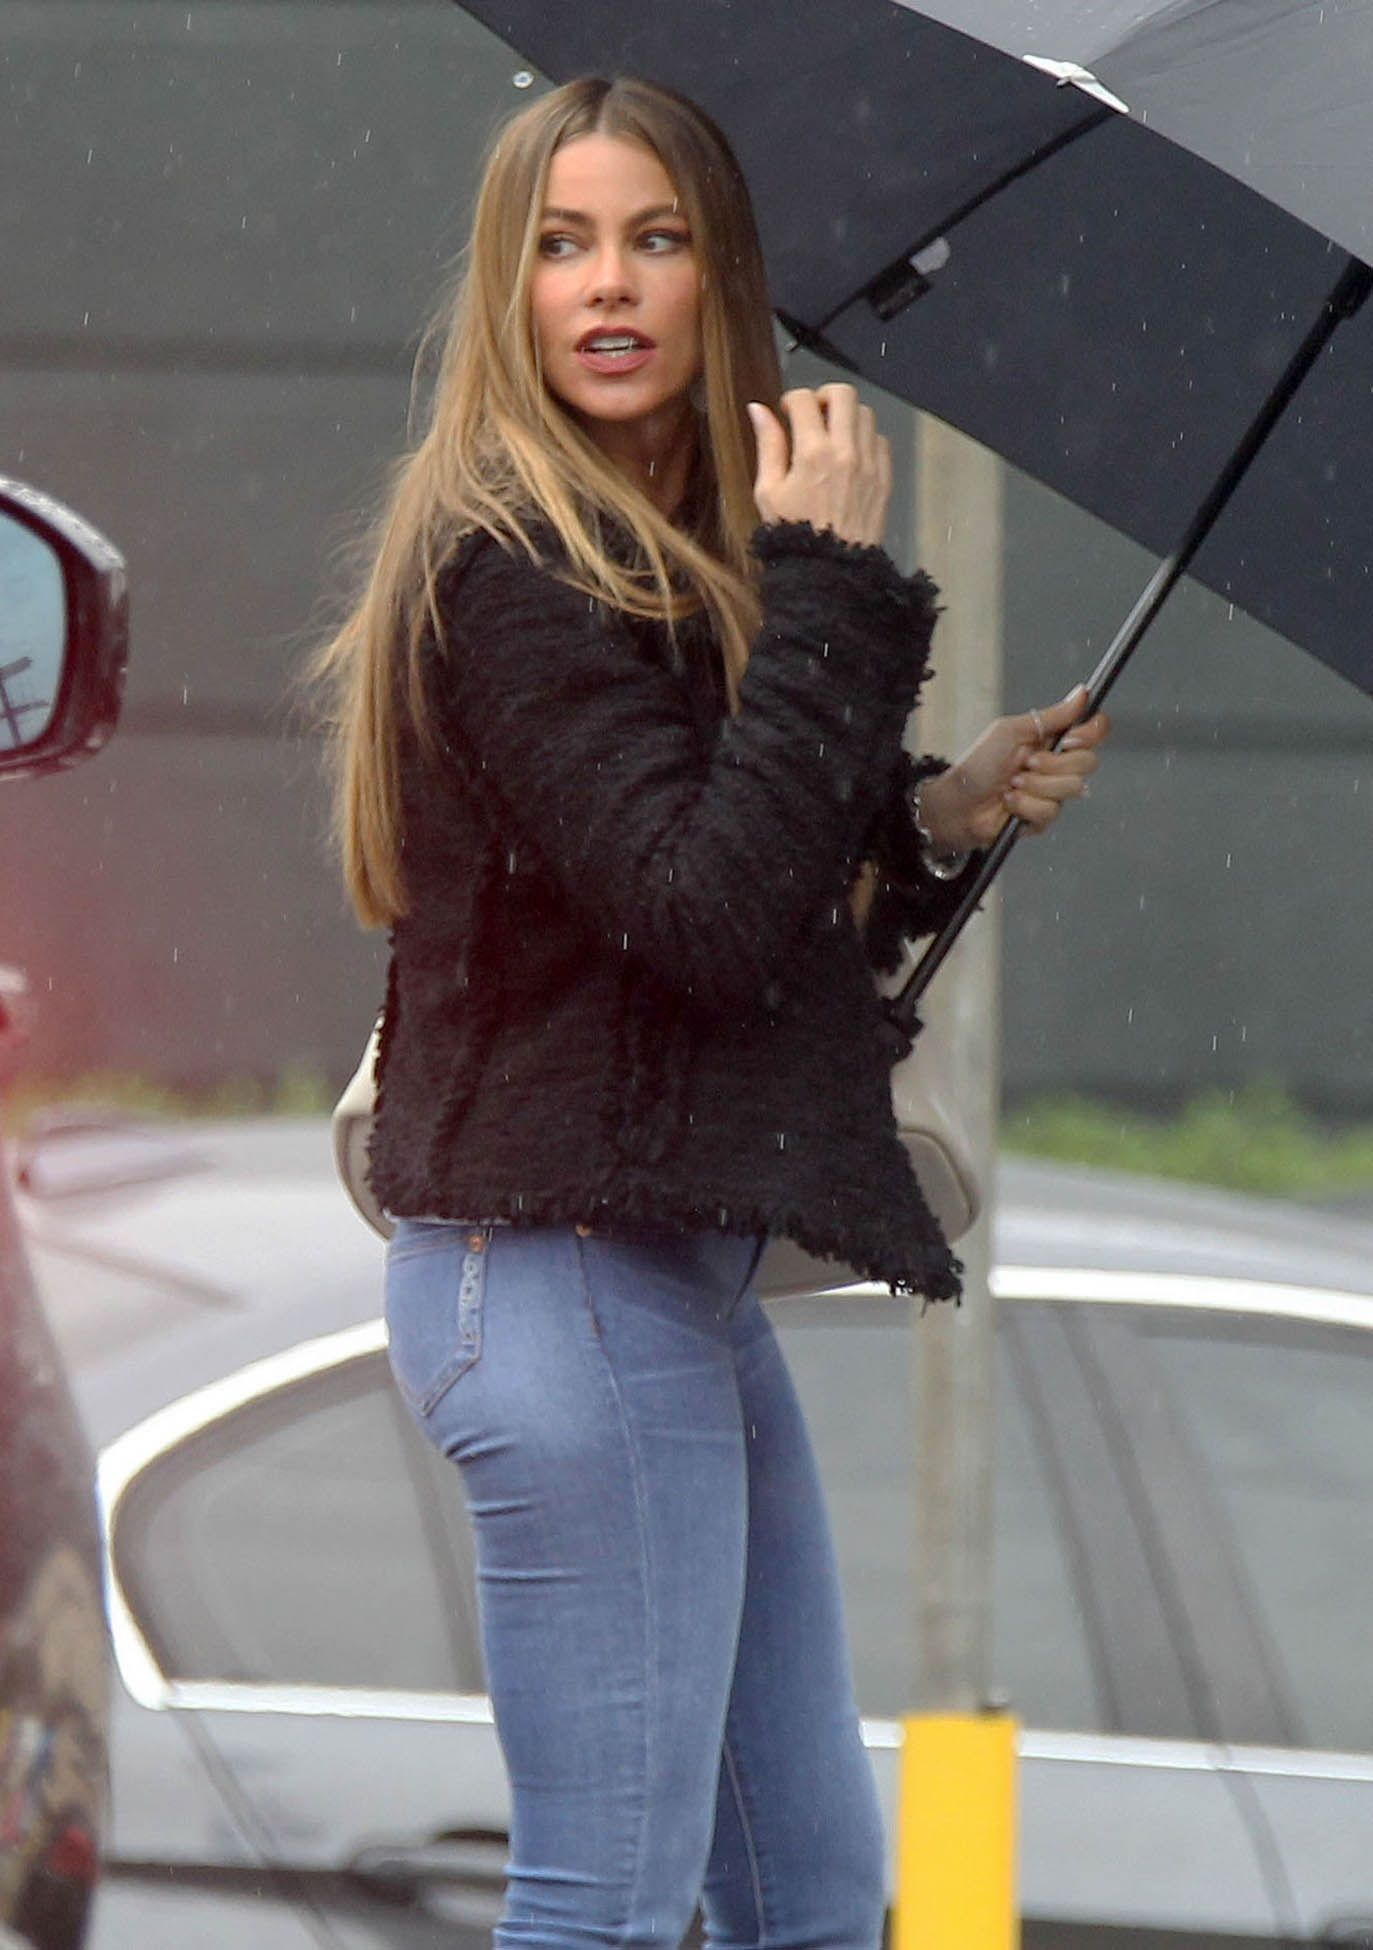 sofia-vergara-booty-in-jeans-296dbca1295199c8a5763d10c240ca90-large